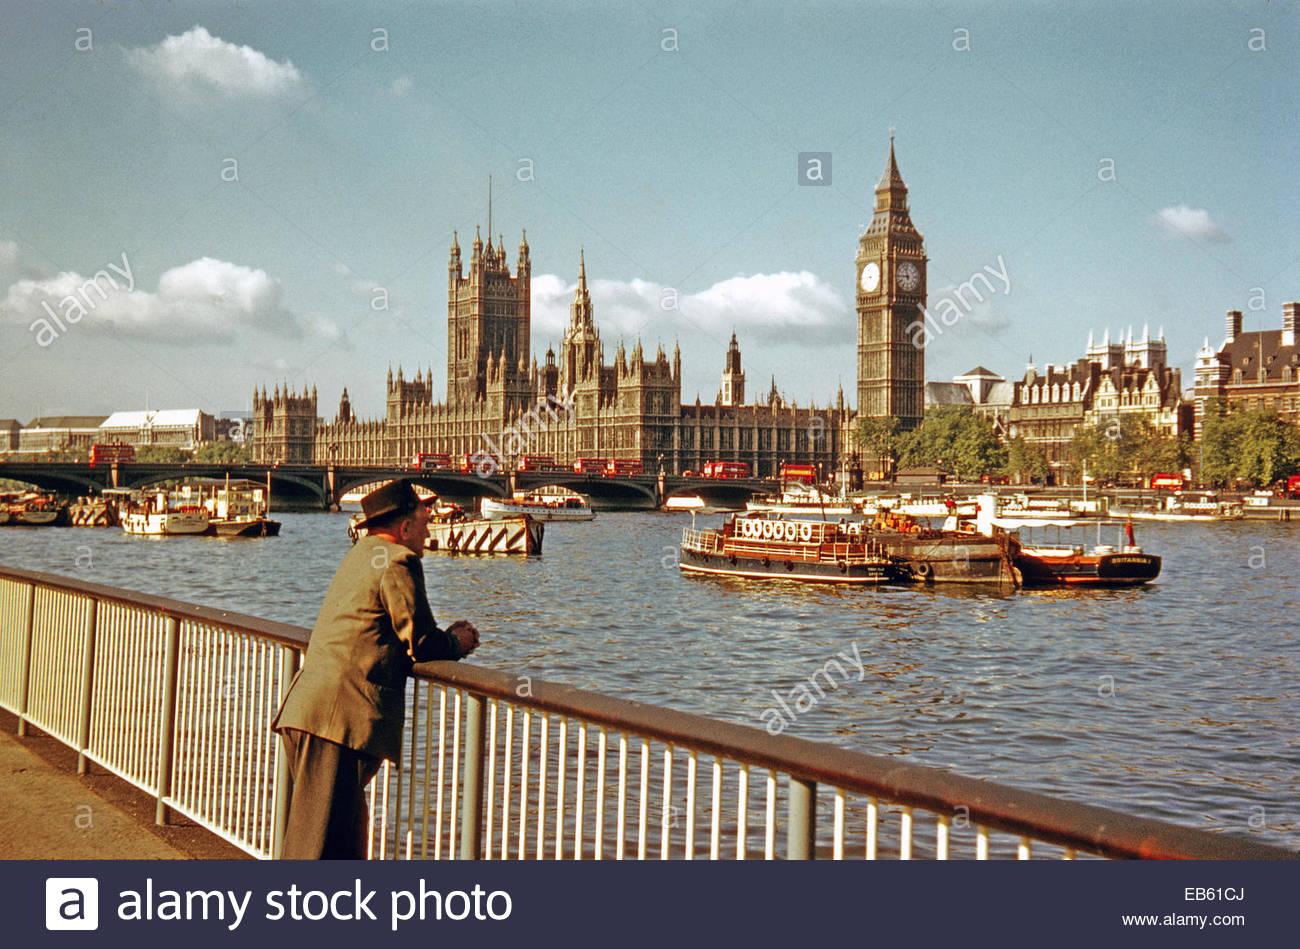 Man lehnt sich am Geländer am Südufer Blick über die Themse in Richtung der Häuser des Parlaments Stockbild